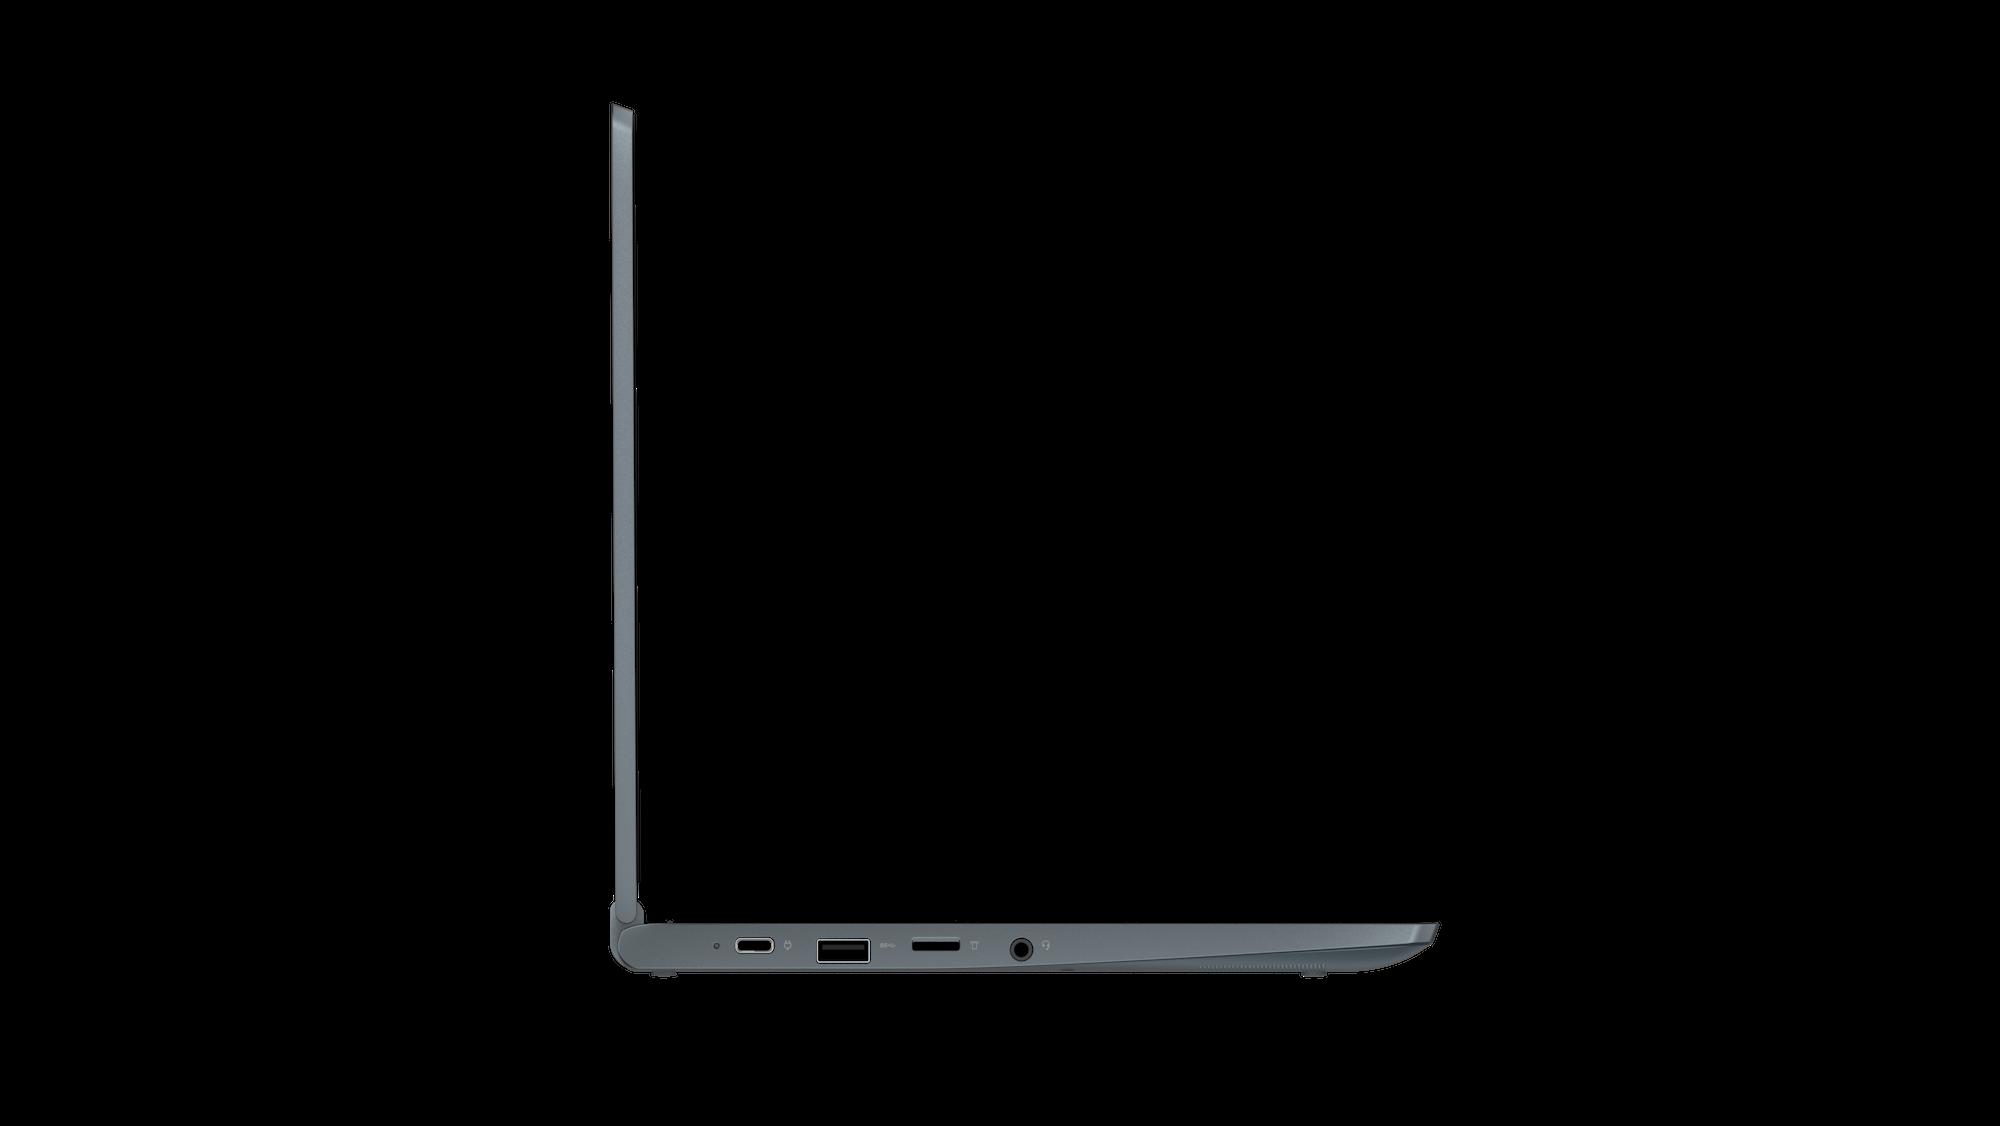 Lenovo Ideapad Flex 3 - photo 4